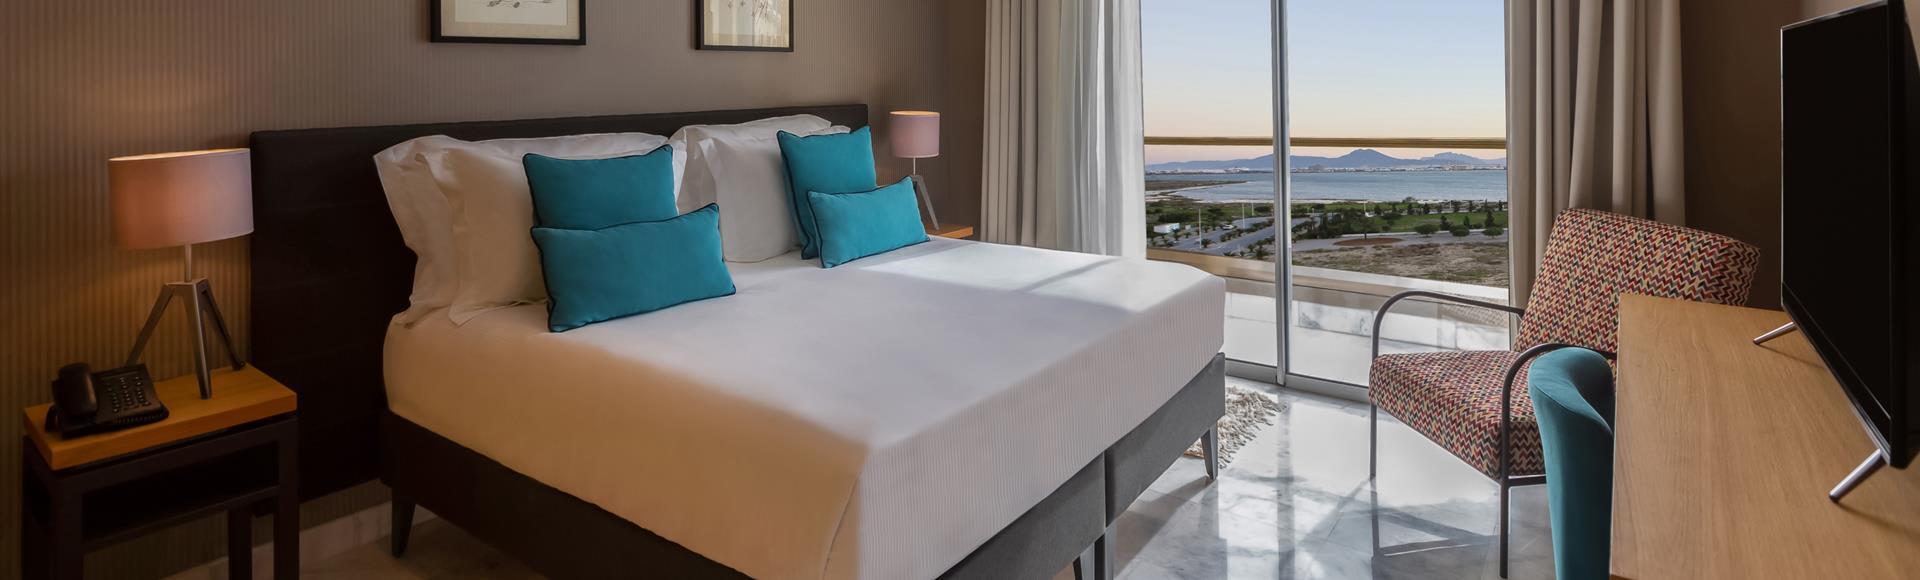 Avani One Bedroom Lake View Suite at  Avani Les Berges Du Lac Tunis Suites